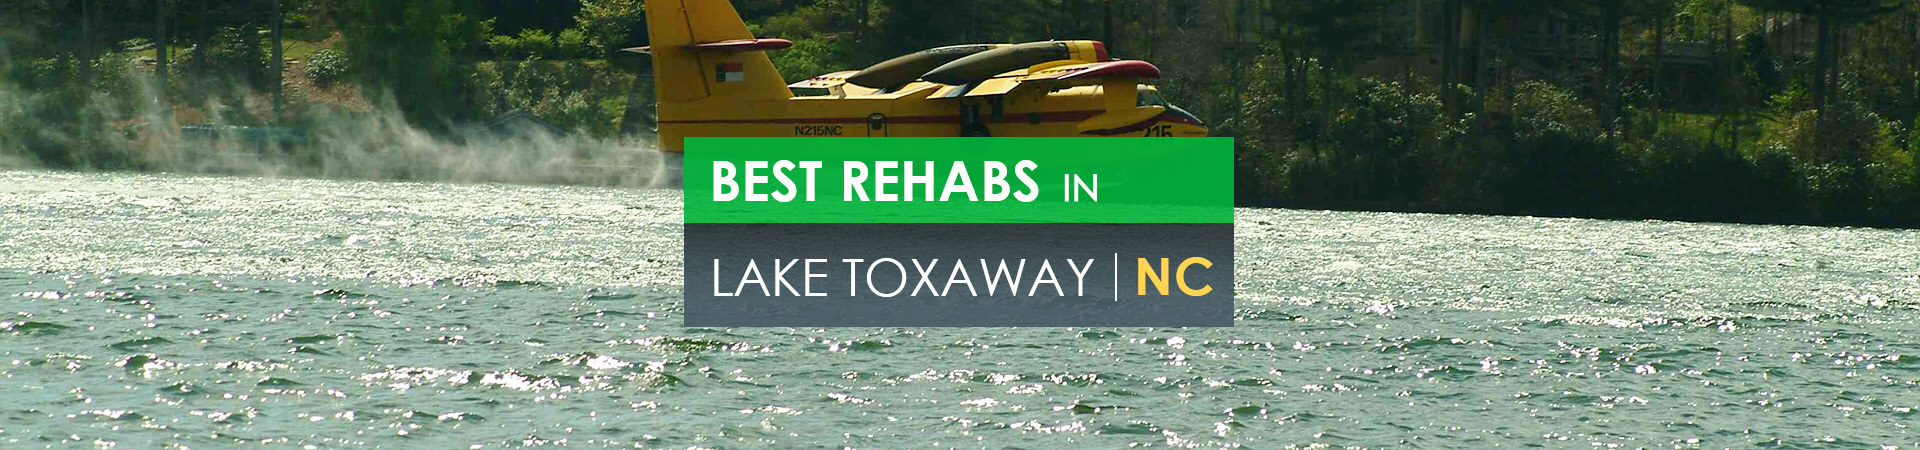 Best rehabs in Lake Toxaway, NC